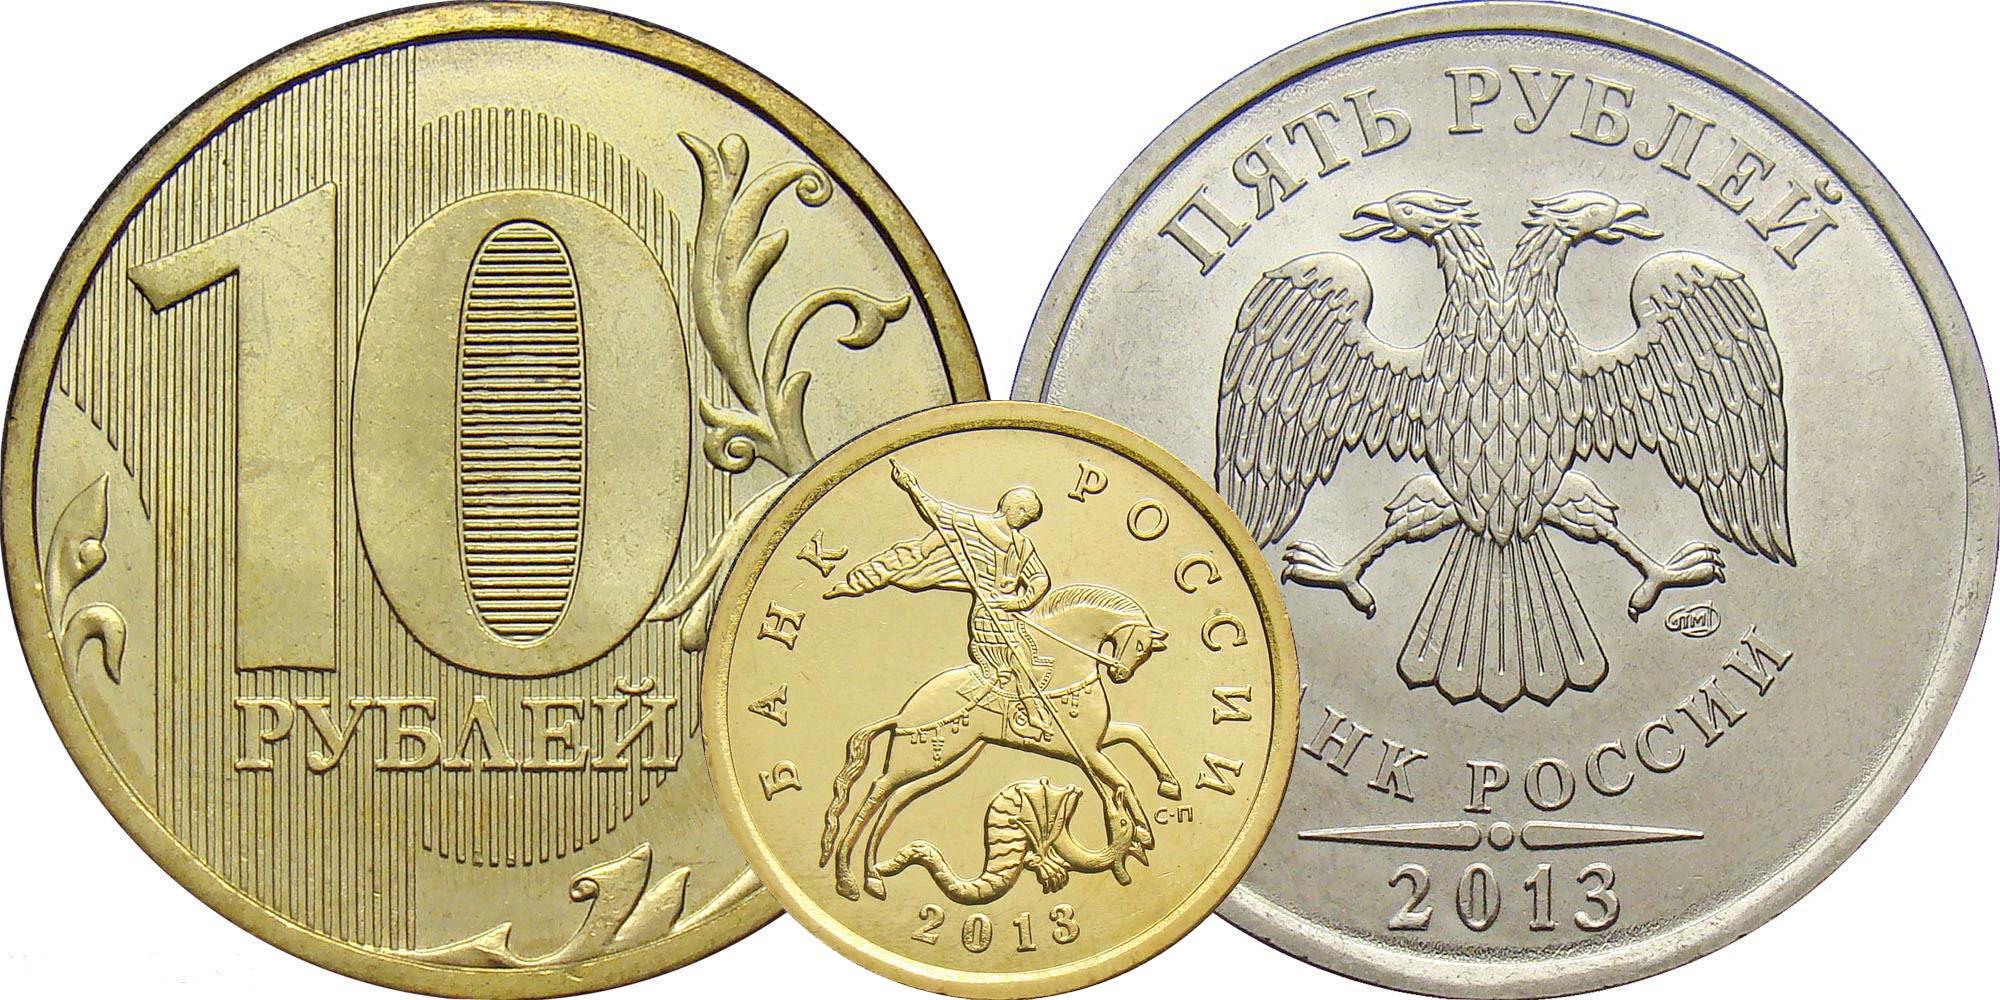 Цены на монеты 2013 года